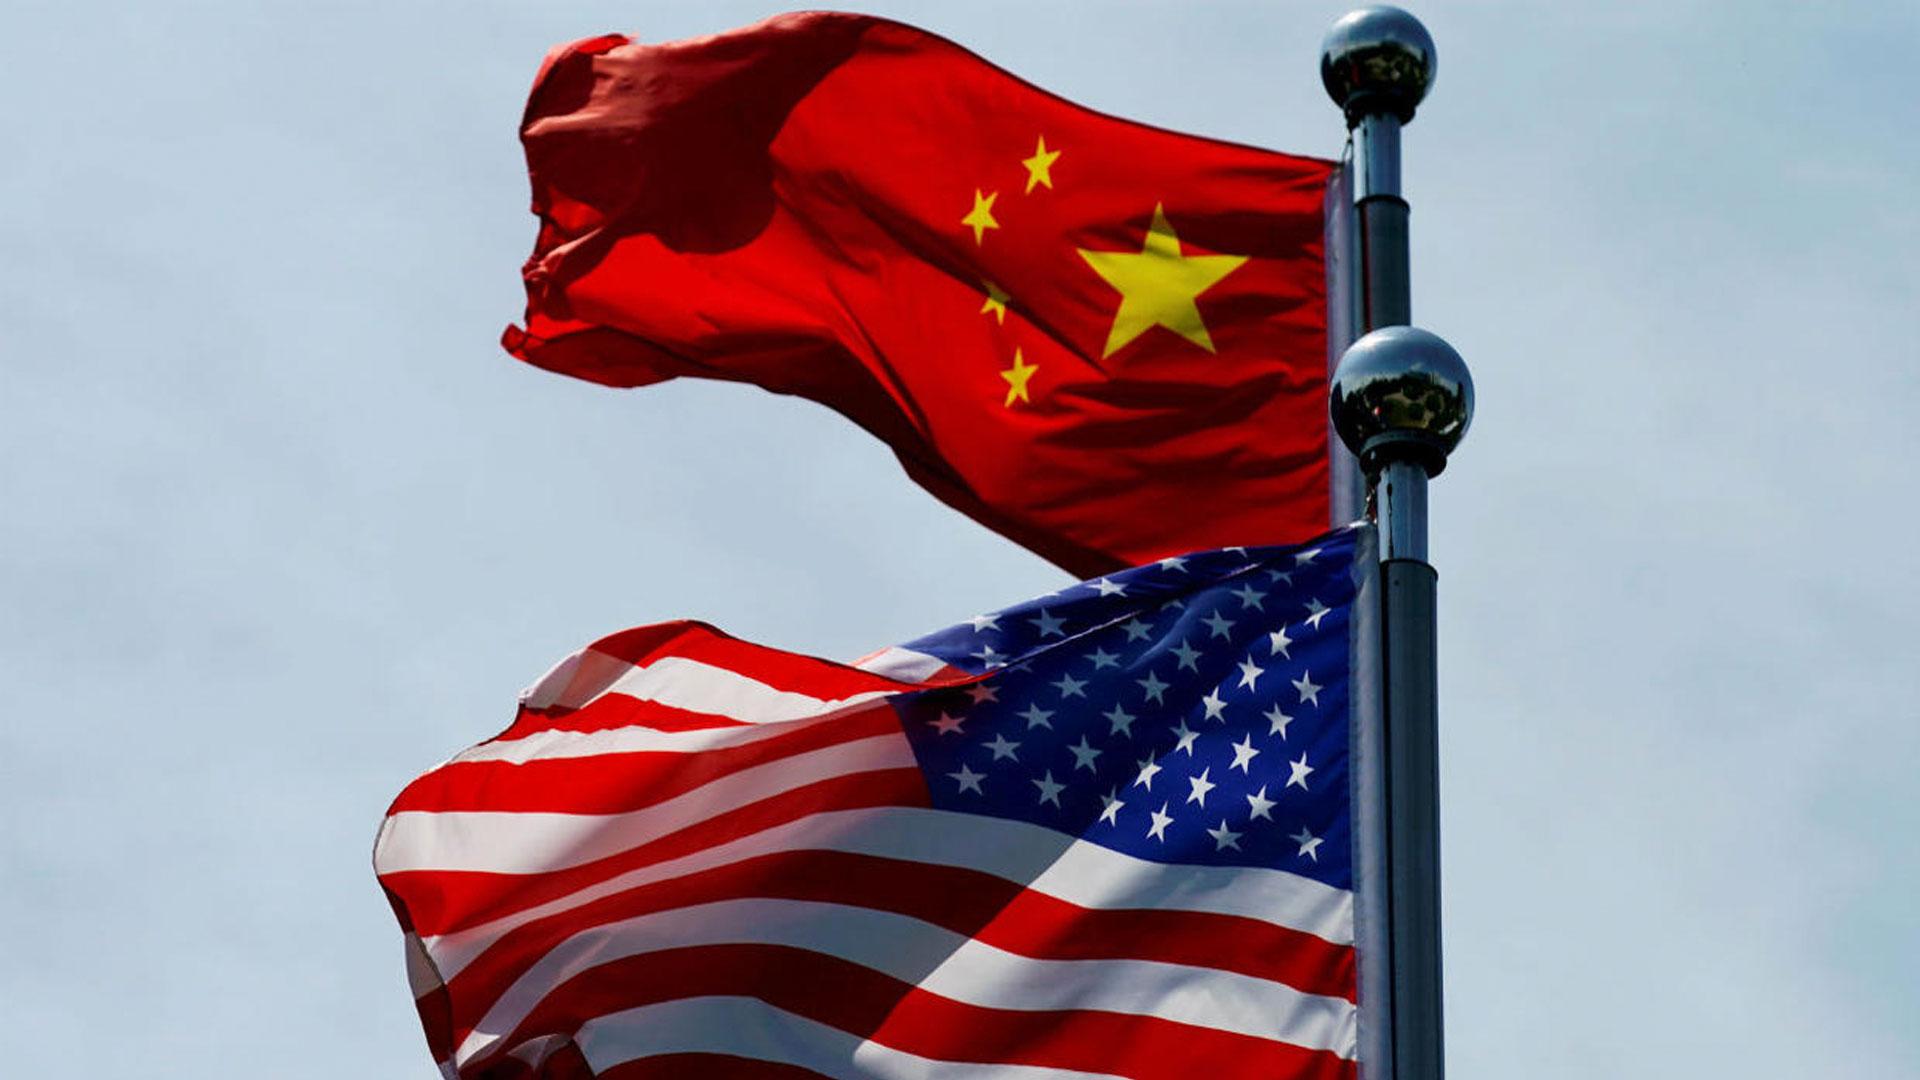 EE.UU endurece controles de exportación para China, Rusia y Venezuela